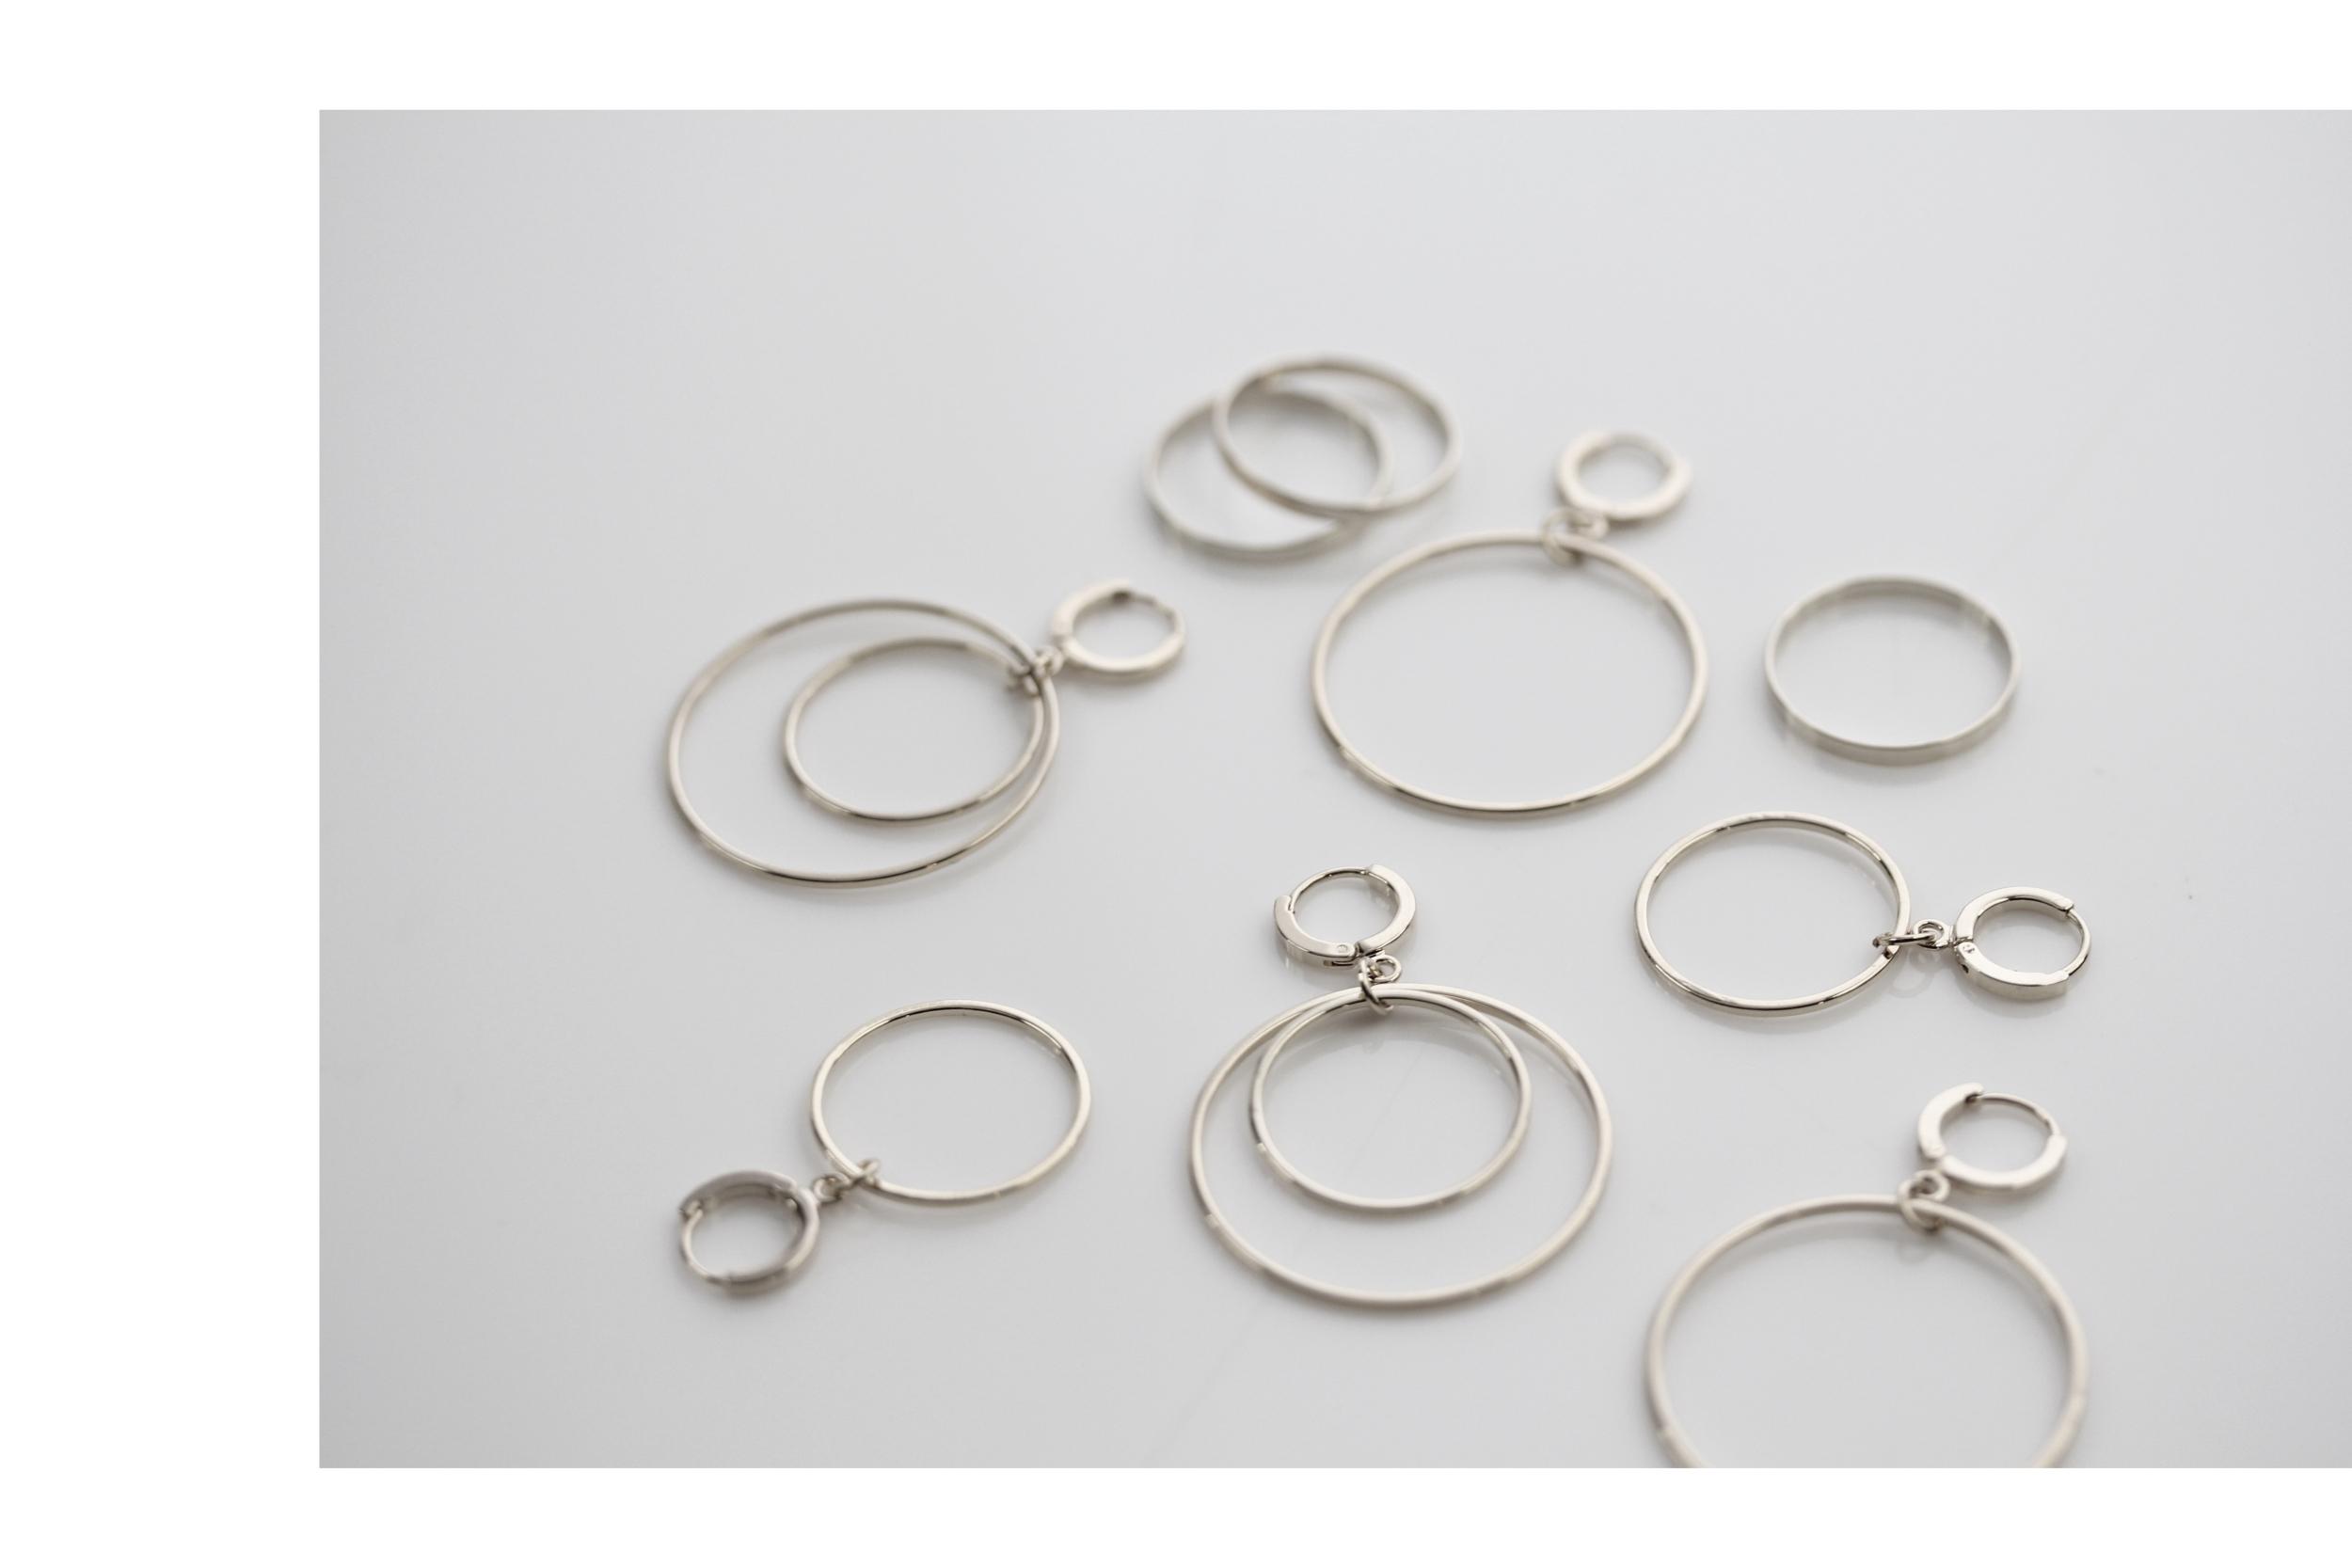 Kreis Ohrringe in Silber Madeleine Issing